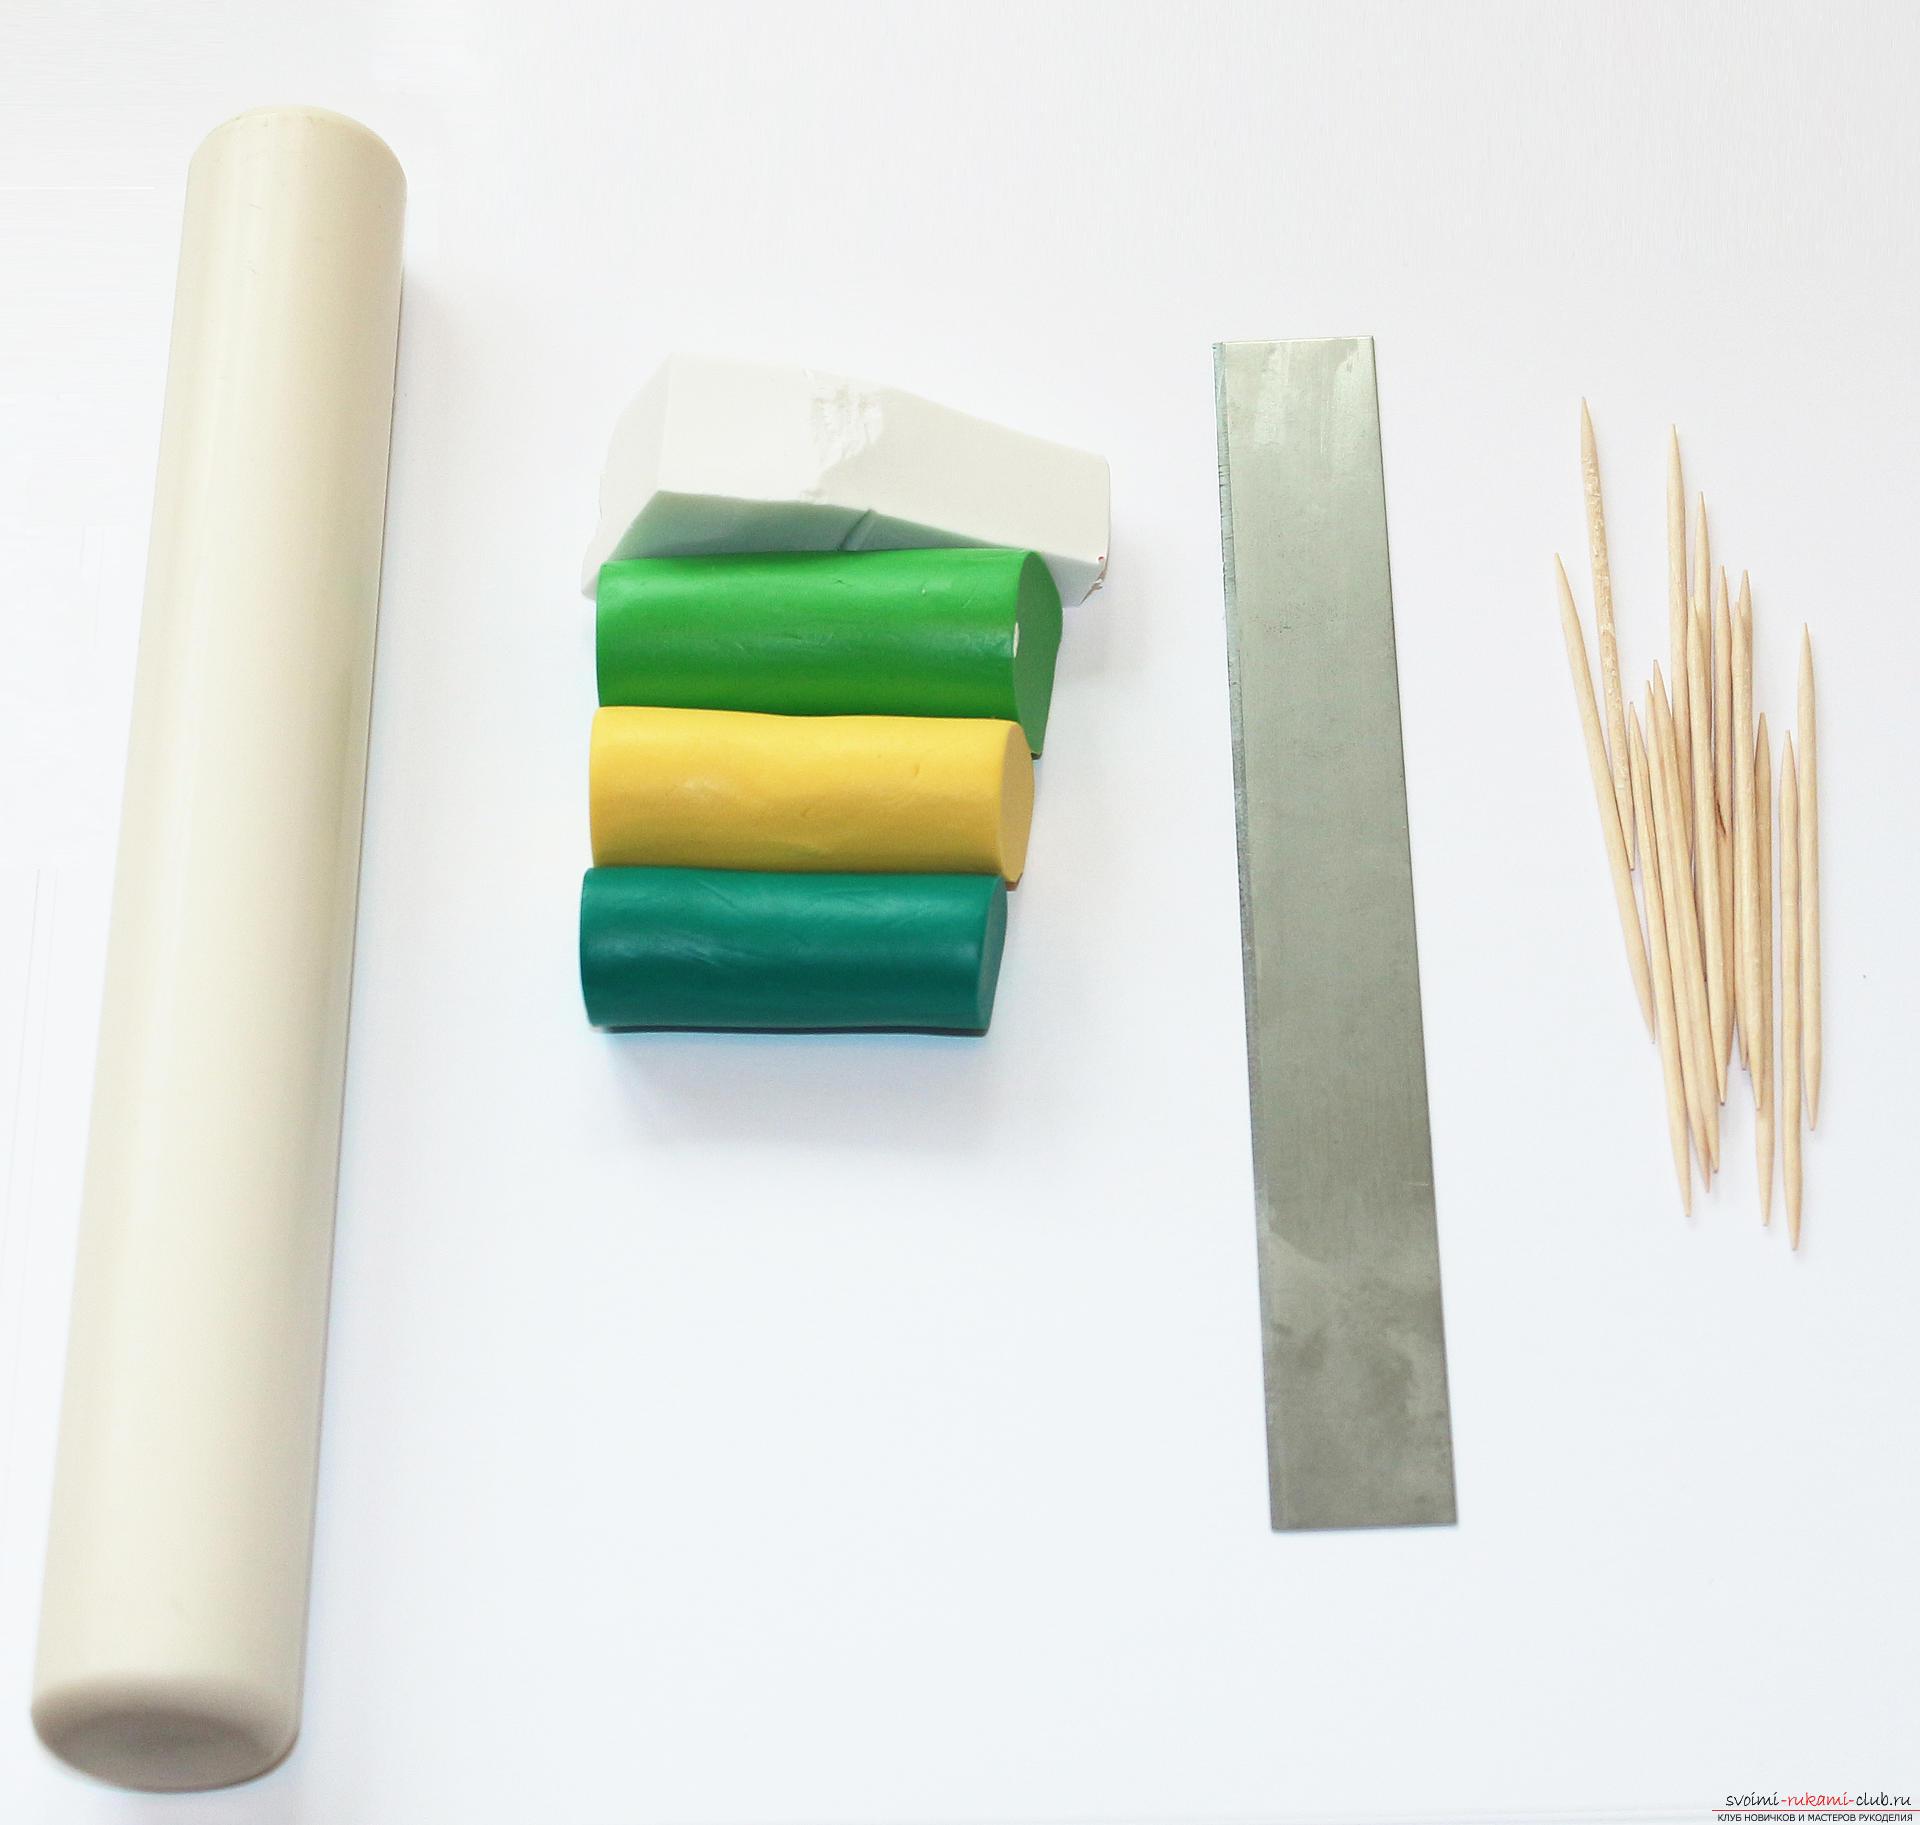 Цей докладний майстер-клас містить техніку роботи з полімерною глиною і навчить як створити намистини з полімерної глини .. Фото №2